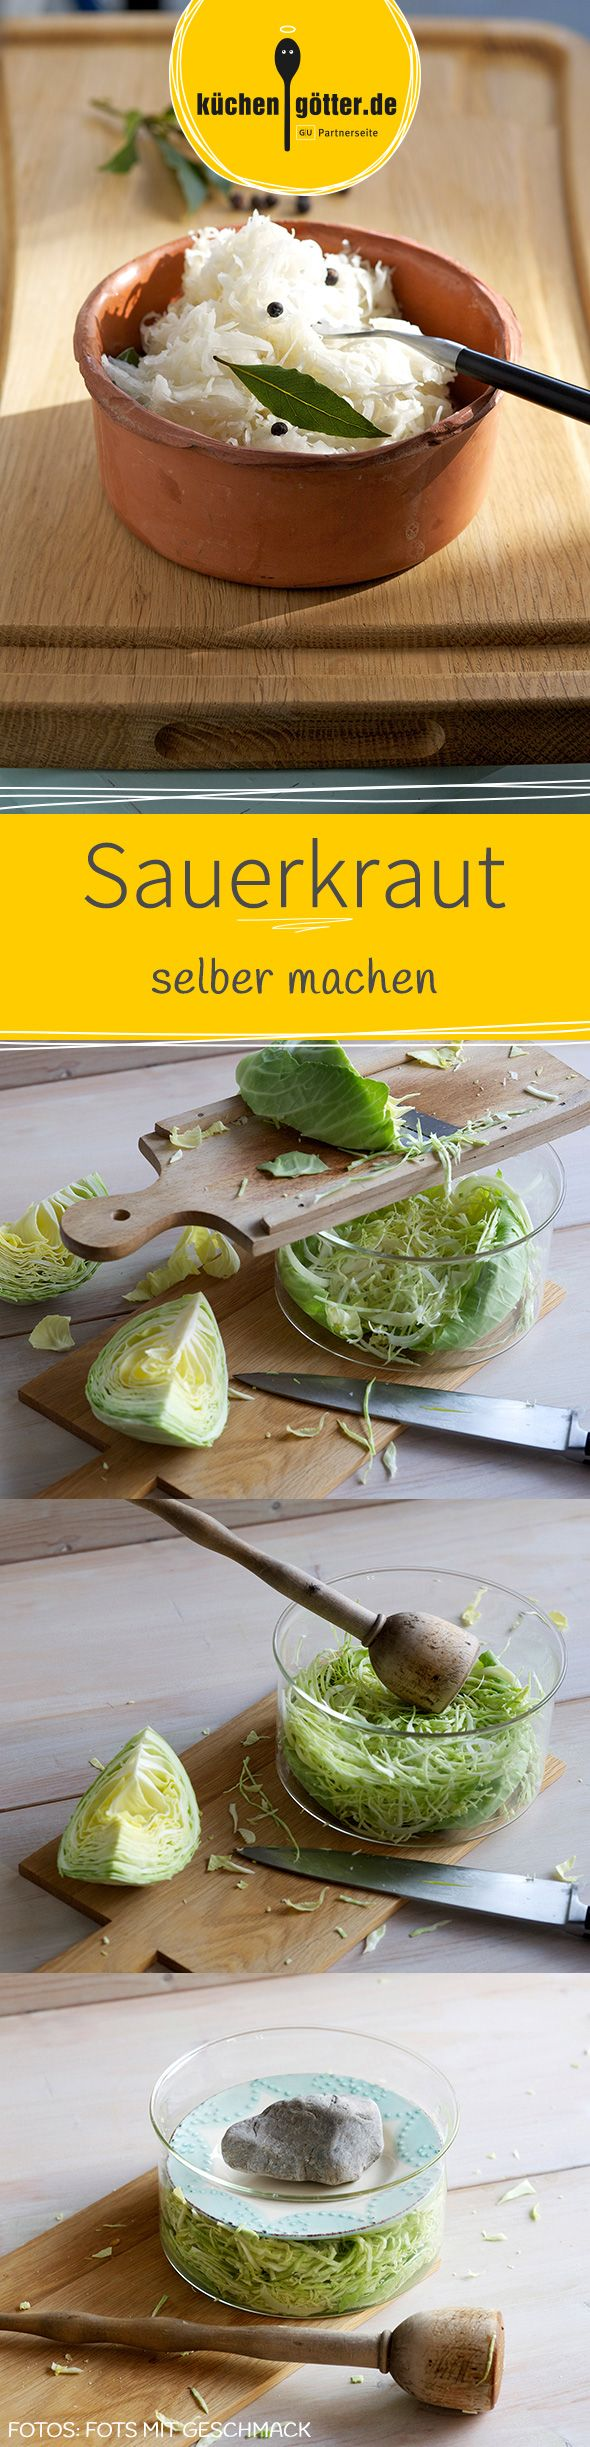 Sauerkraut aus dem Supermarkt? Das geht doch besser: Wir zeigen euch Schritt für Schritt, wie ihr Sauerkraut zu Hause einfach selber macht.